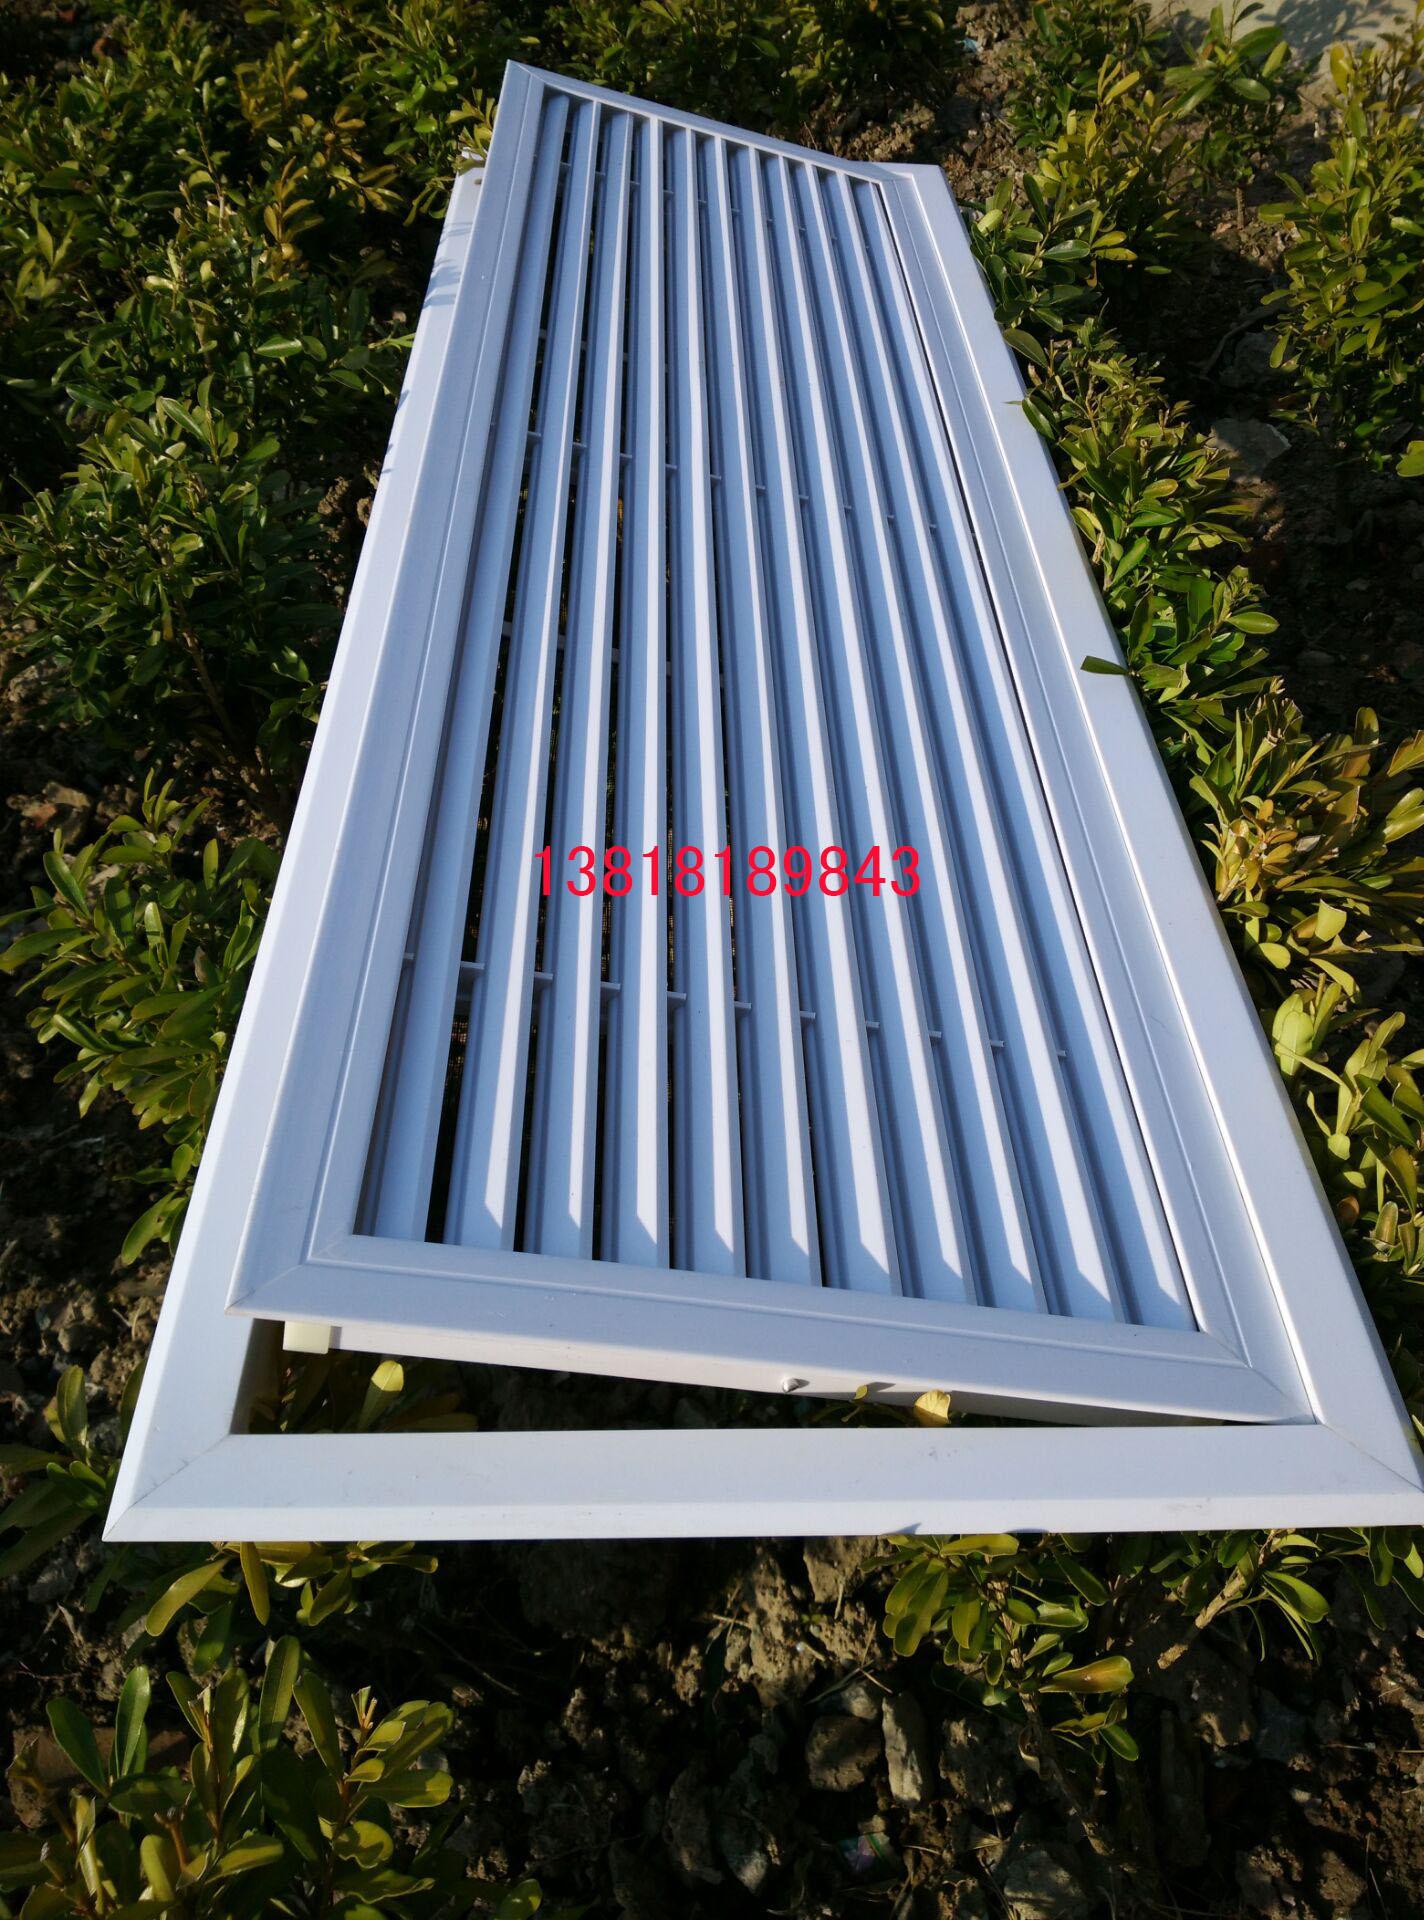 中央空调出风口ABS检修口百叶窗双层单层格栅进 排风口铝合金定制